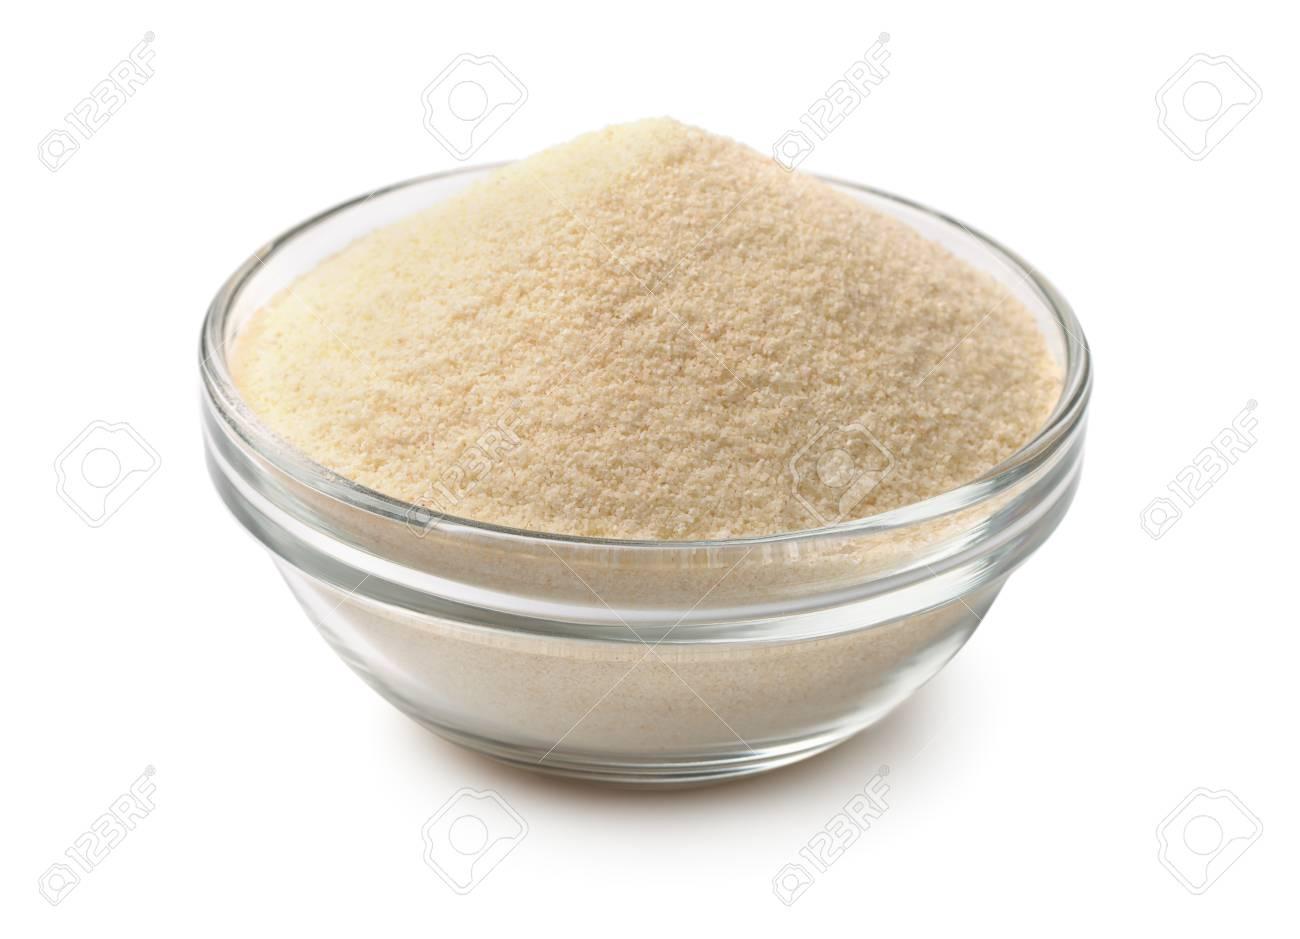 Bowl of semolina isolated on white - 48066299